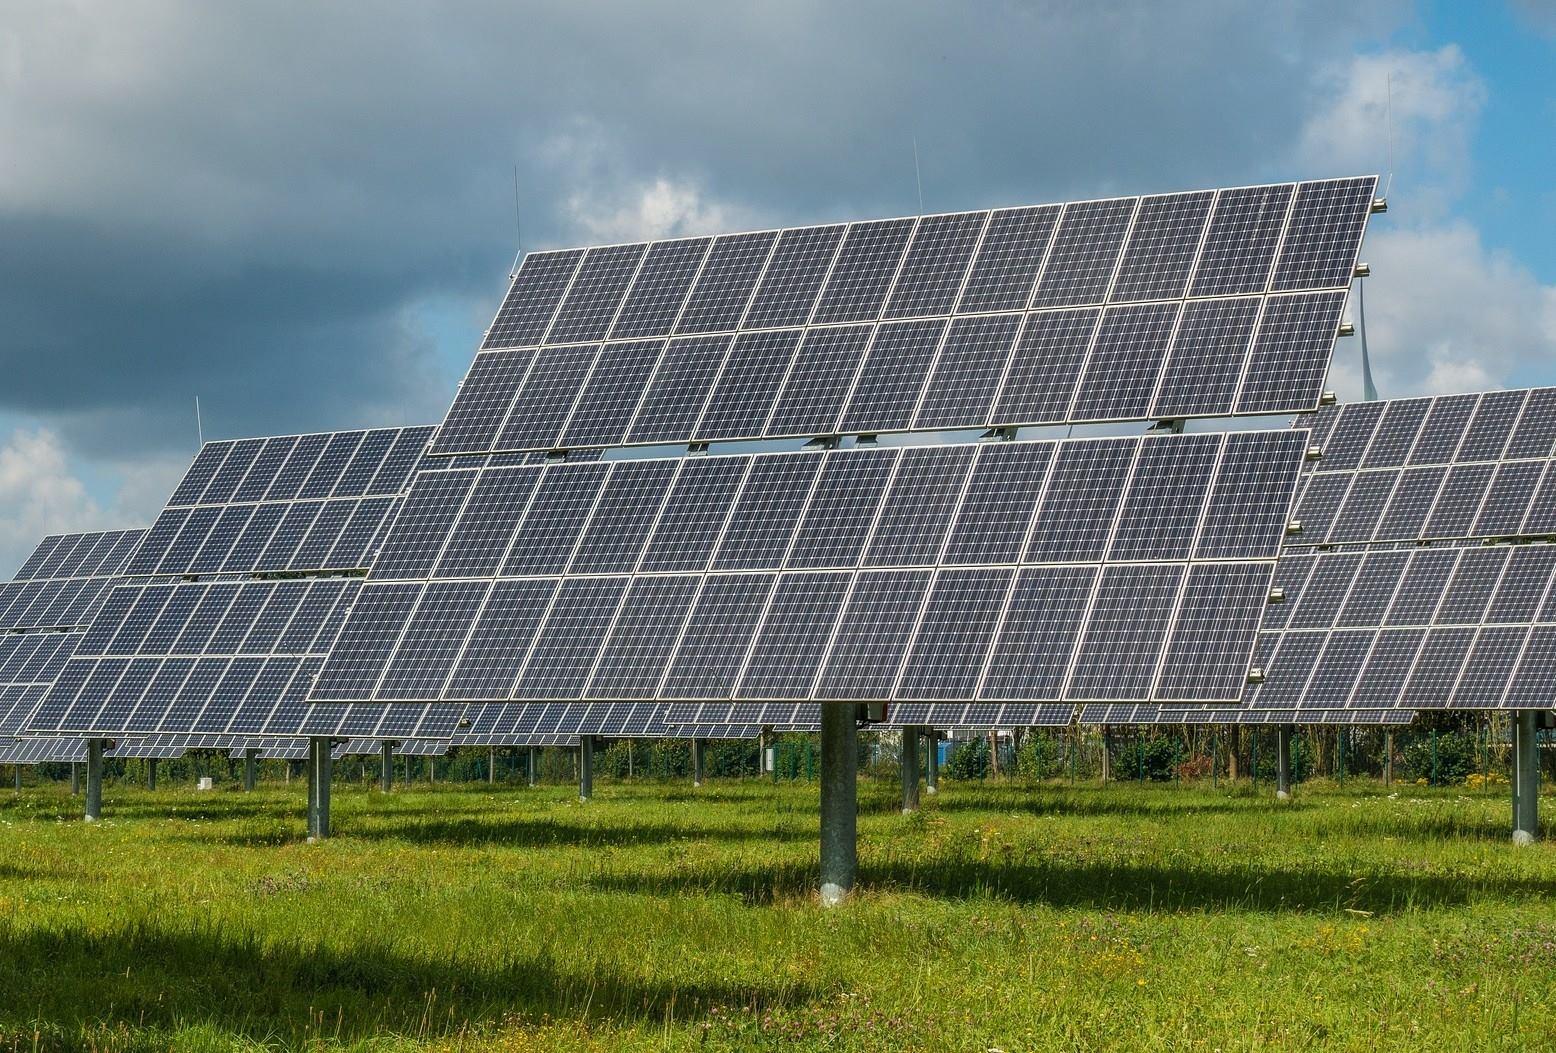 Канадська компанія побудує 5 сонячних електростанцій в Україні